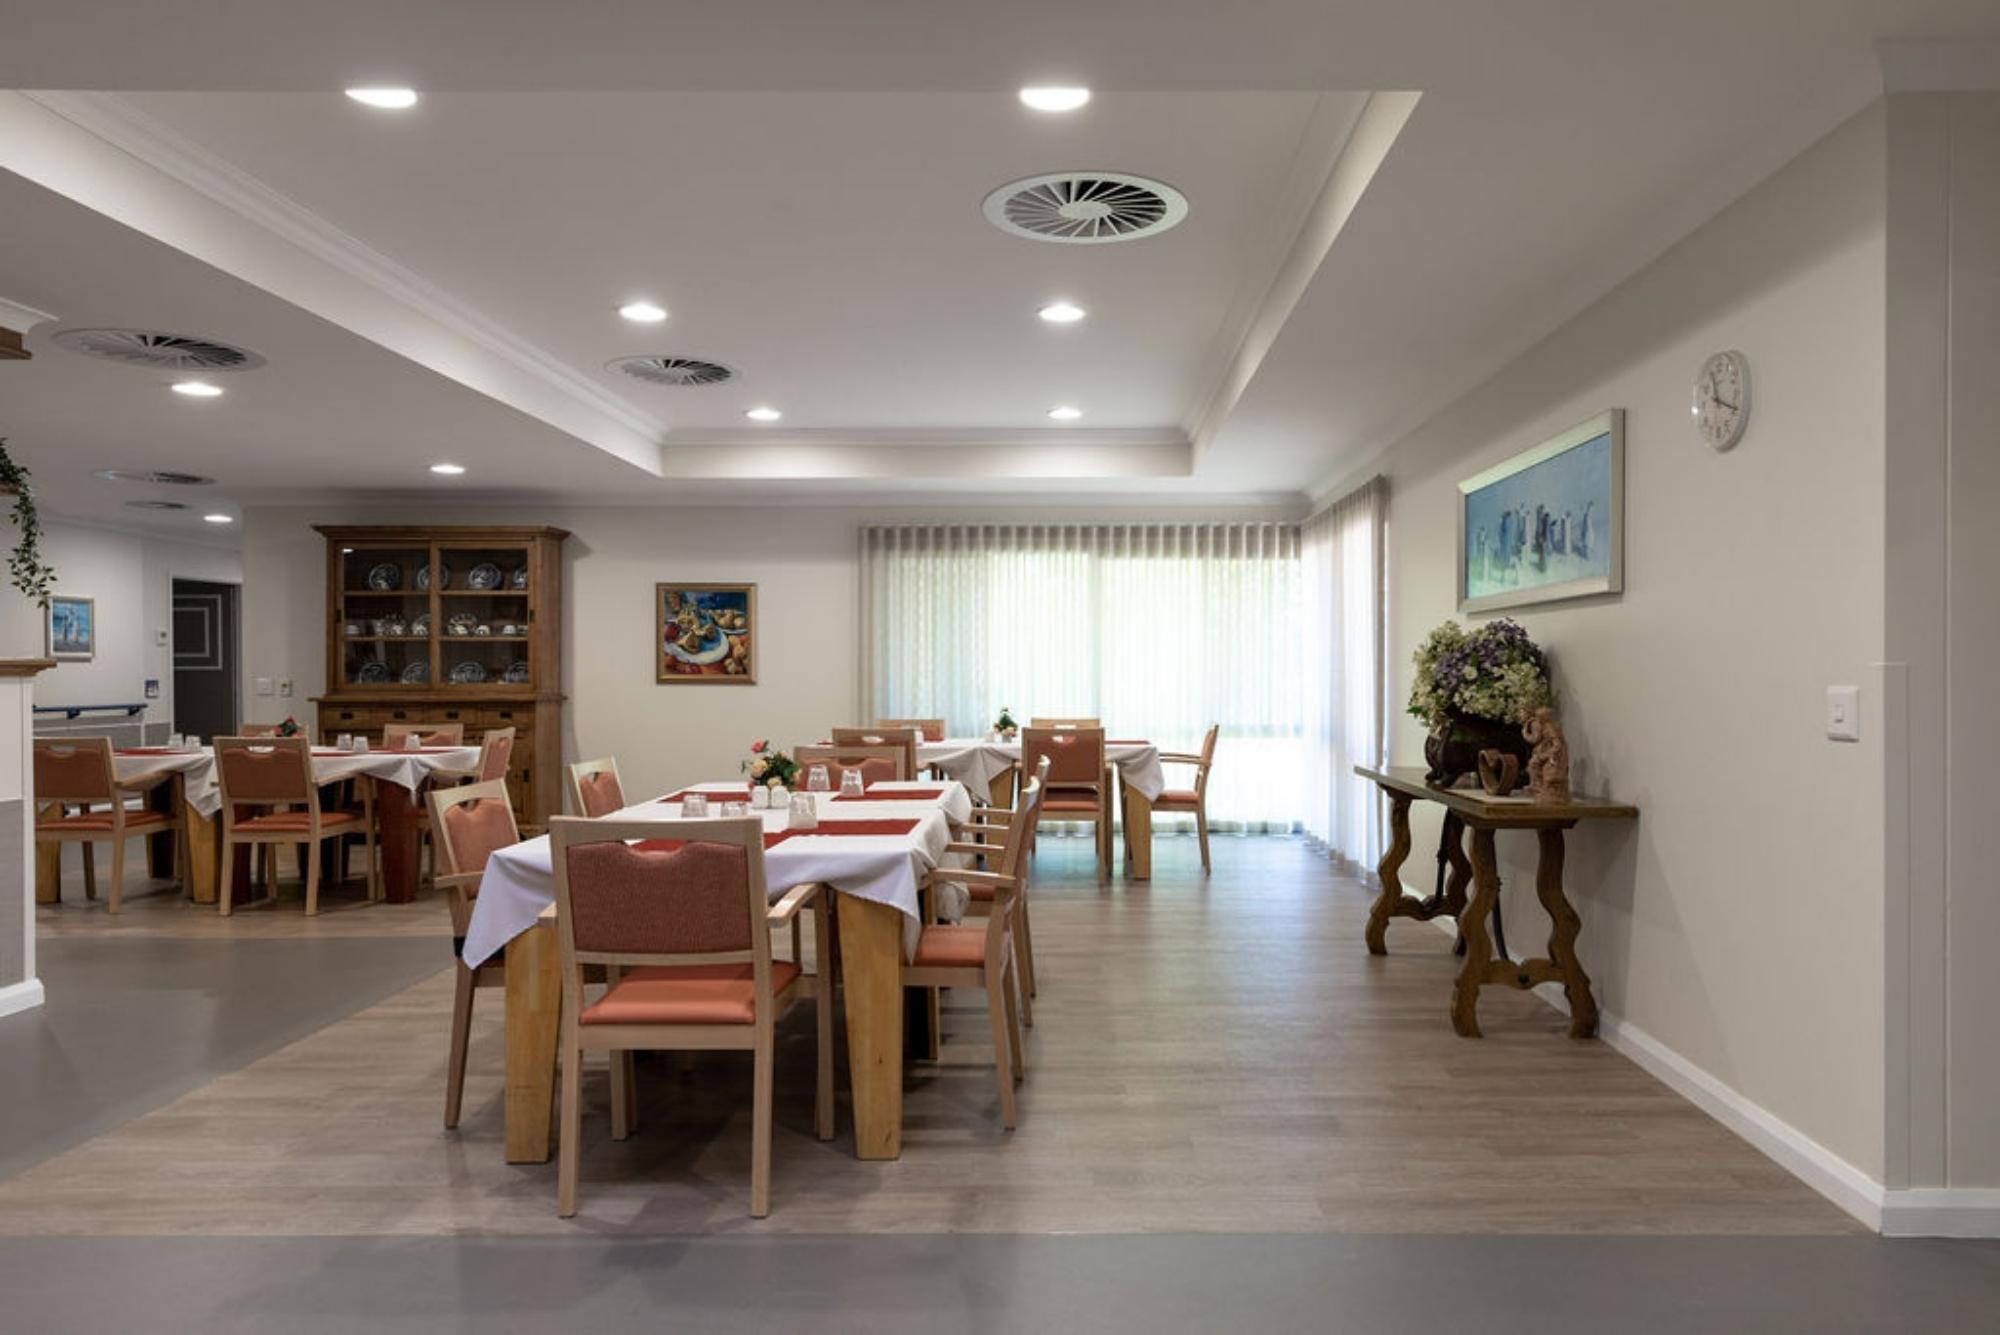 Brightwater Madeley, Madeley WA 6065 - 8-brightwater-madeley-dining-room